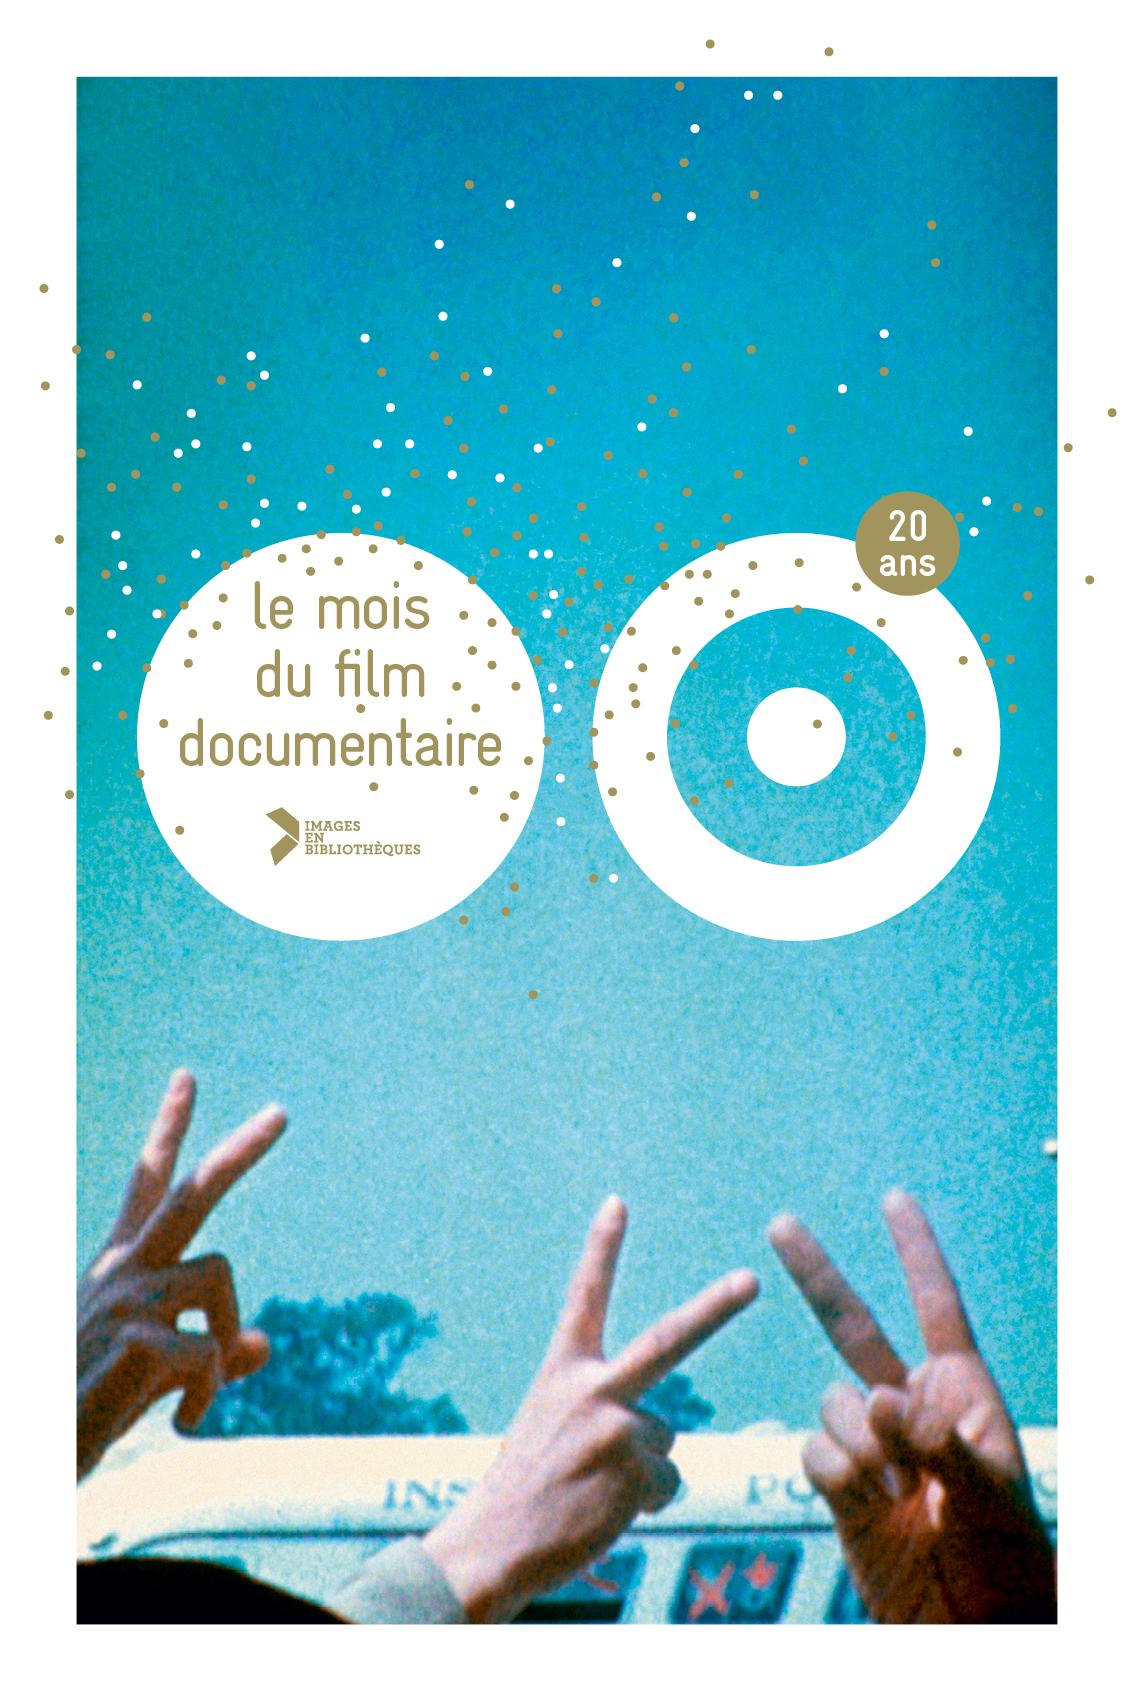 Le mois du film documentaire @ Les médiathèques du réseau - Redon Agglomeration